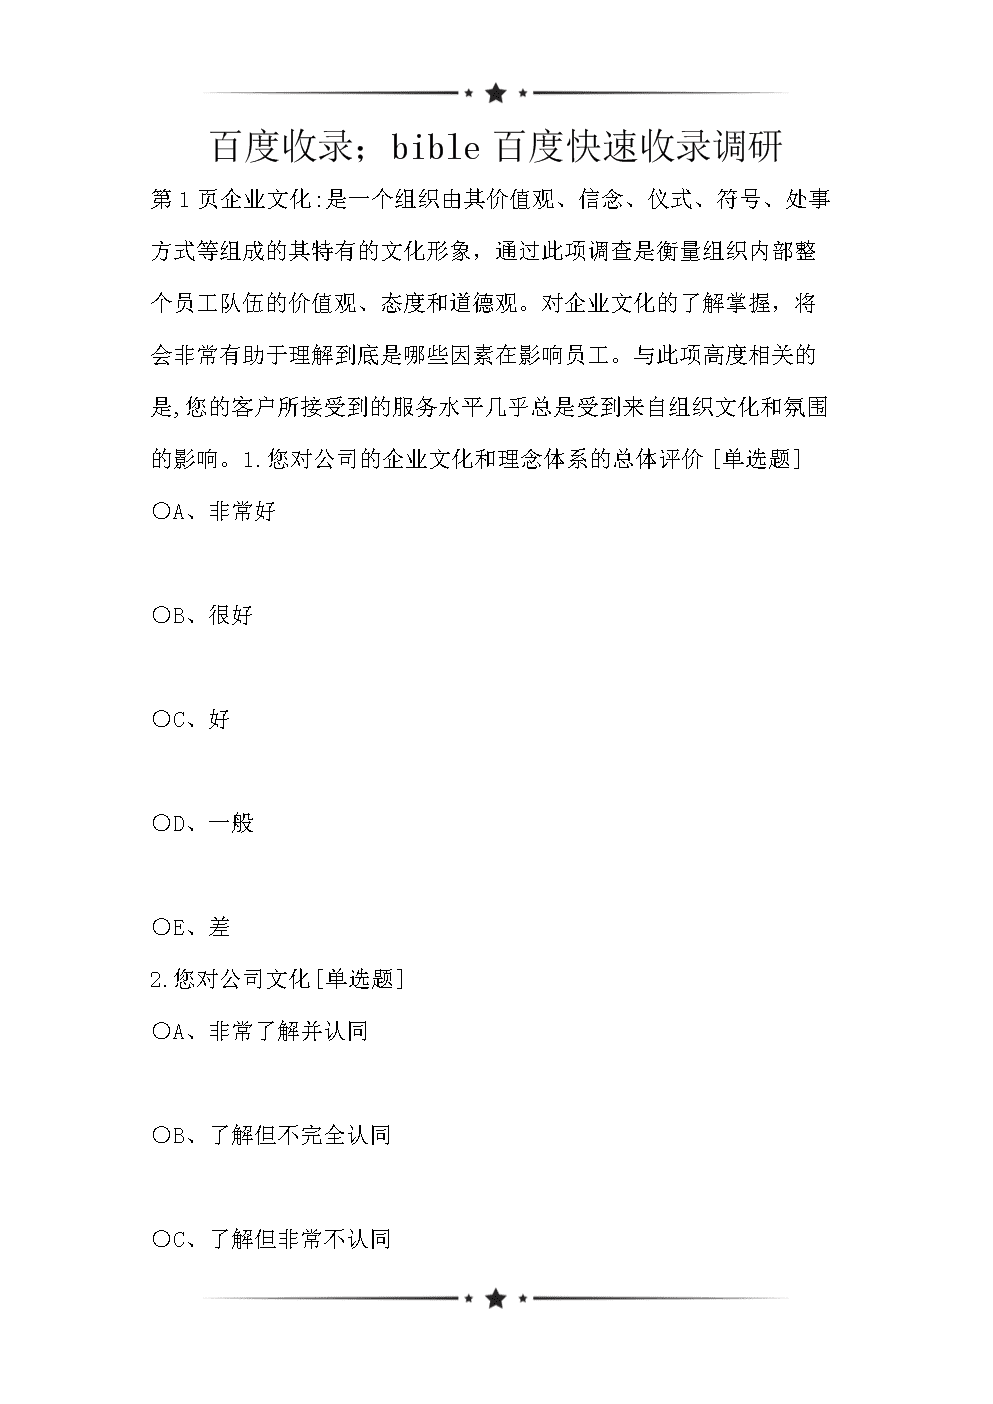 百度收录;bible百度快速收录调研(可编辑).doc